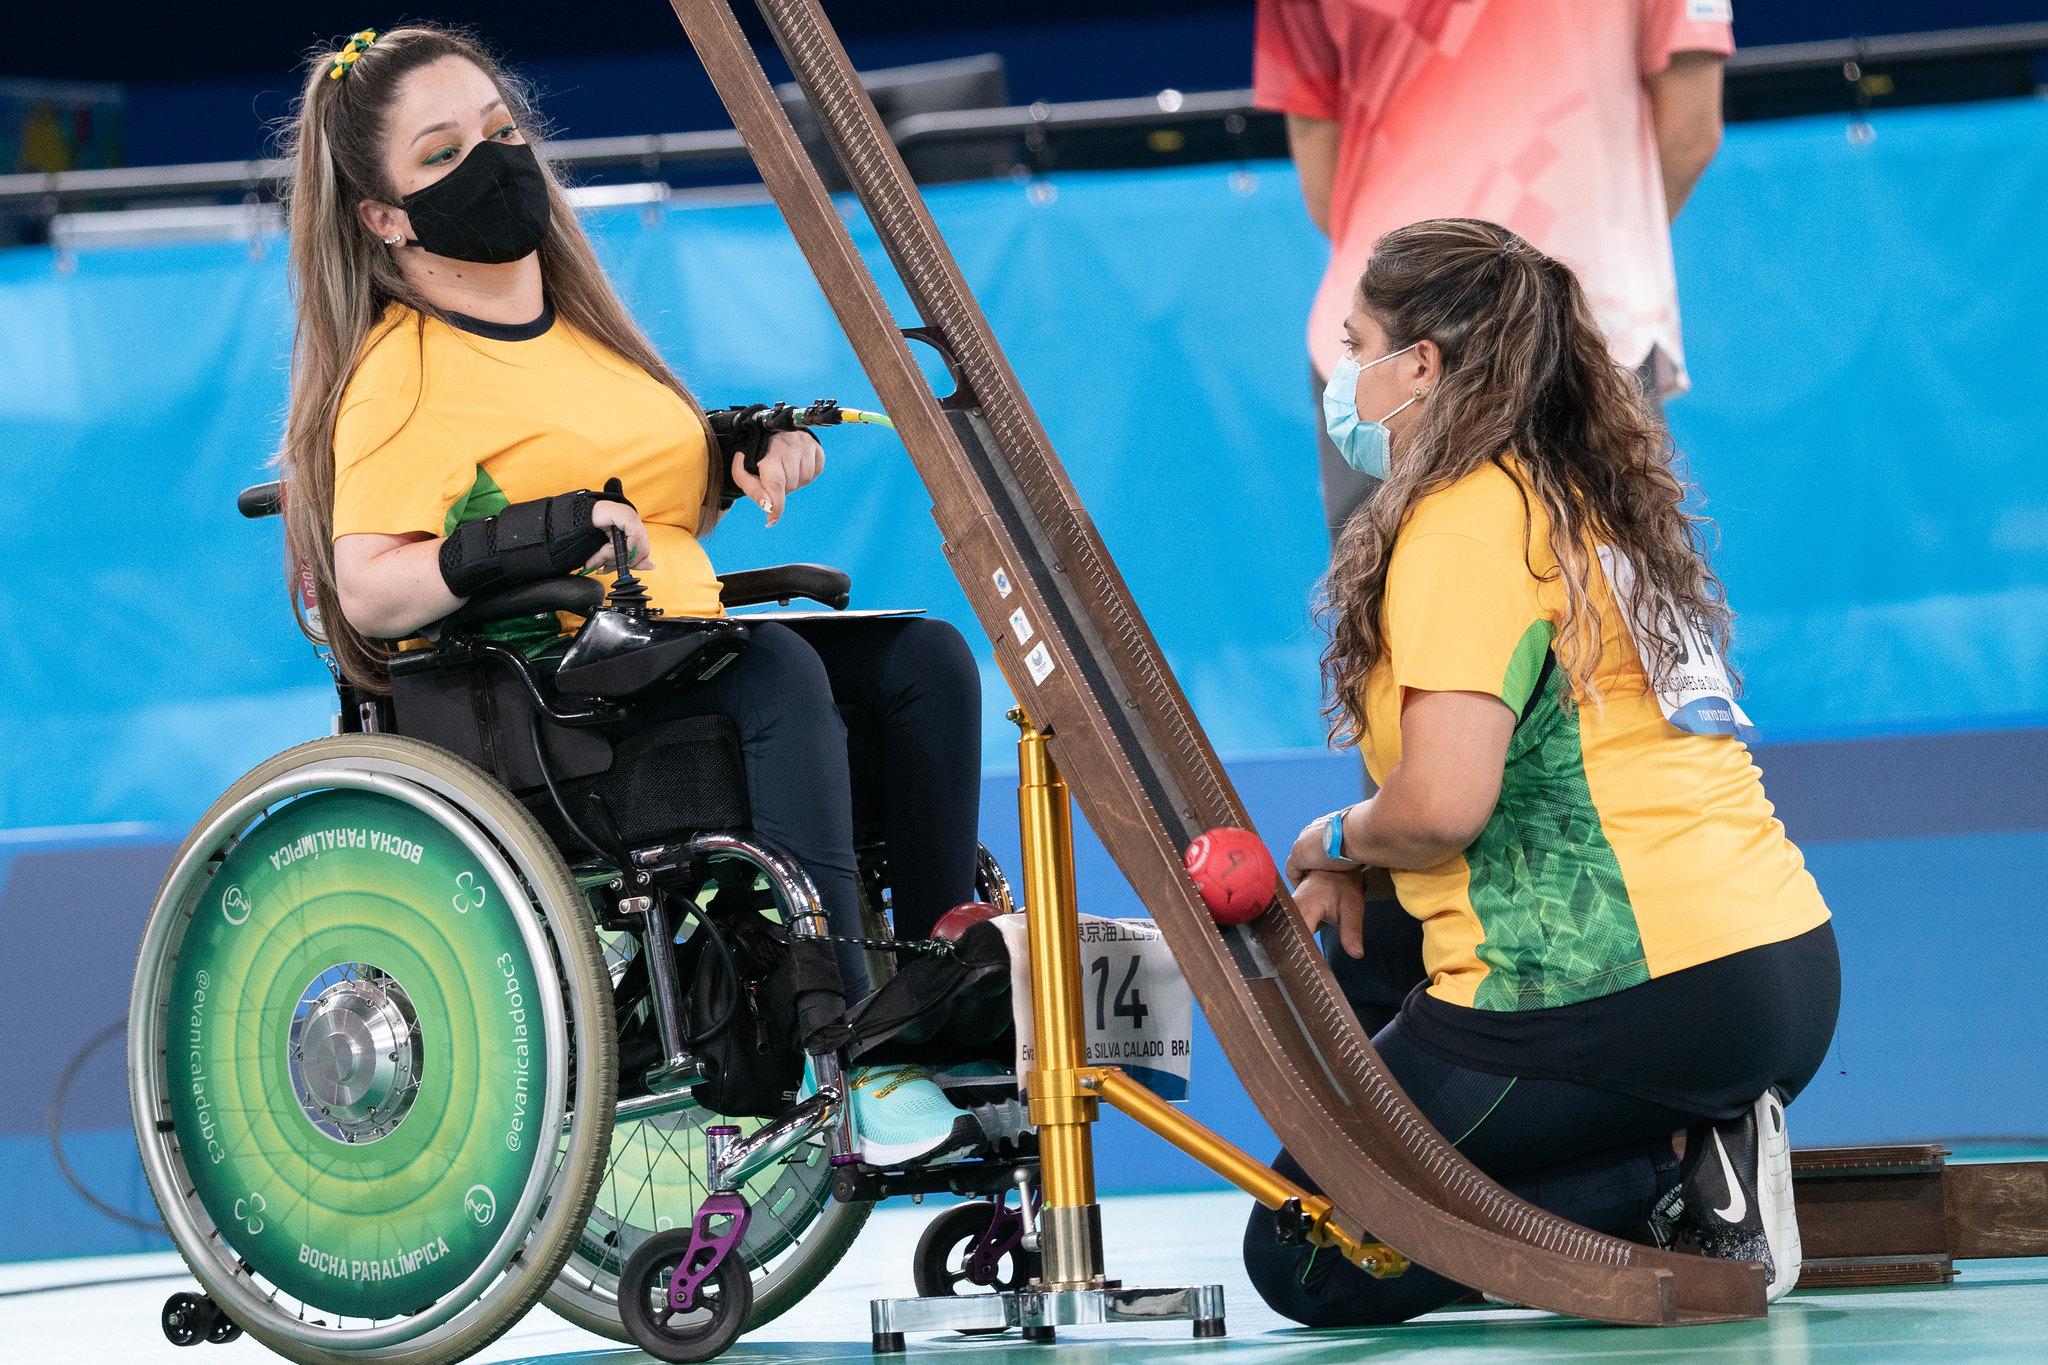 Foto que mostra Evani, na cadeira de rodas, com a camisa da seleção brasileira, de máscara e diante de uma calha, instrumento usado para arremar a bola da bocha. Ela está na frente de sua guia, que está ajoealhada.